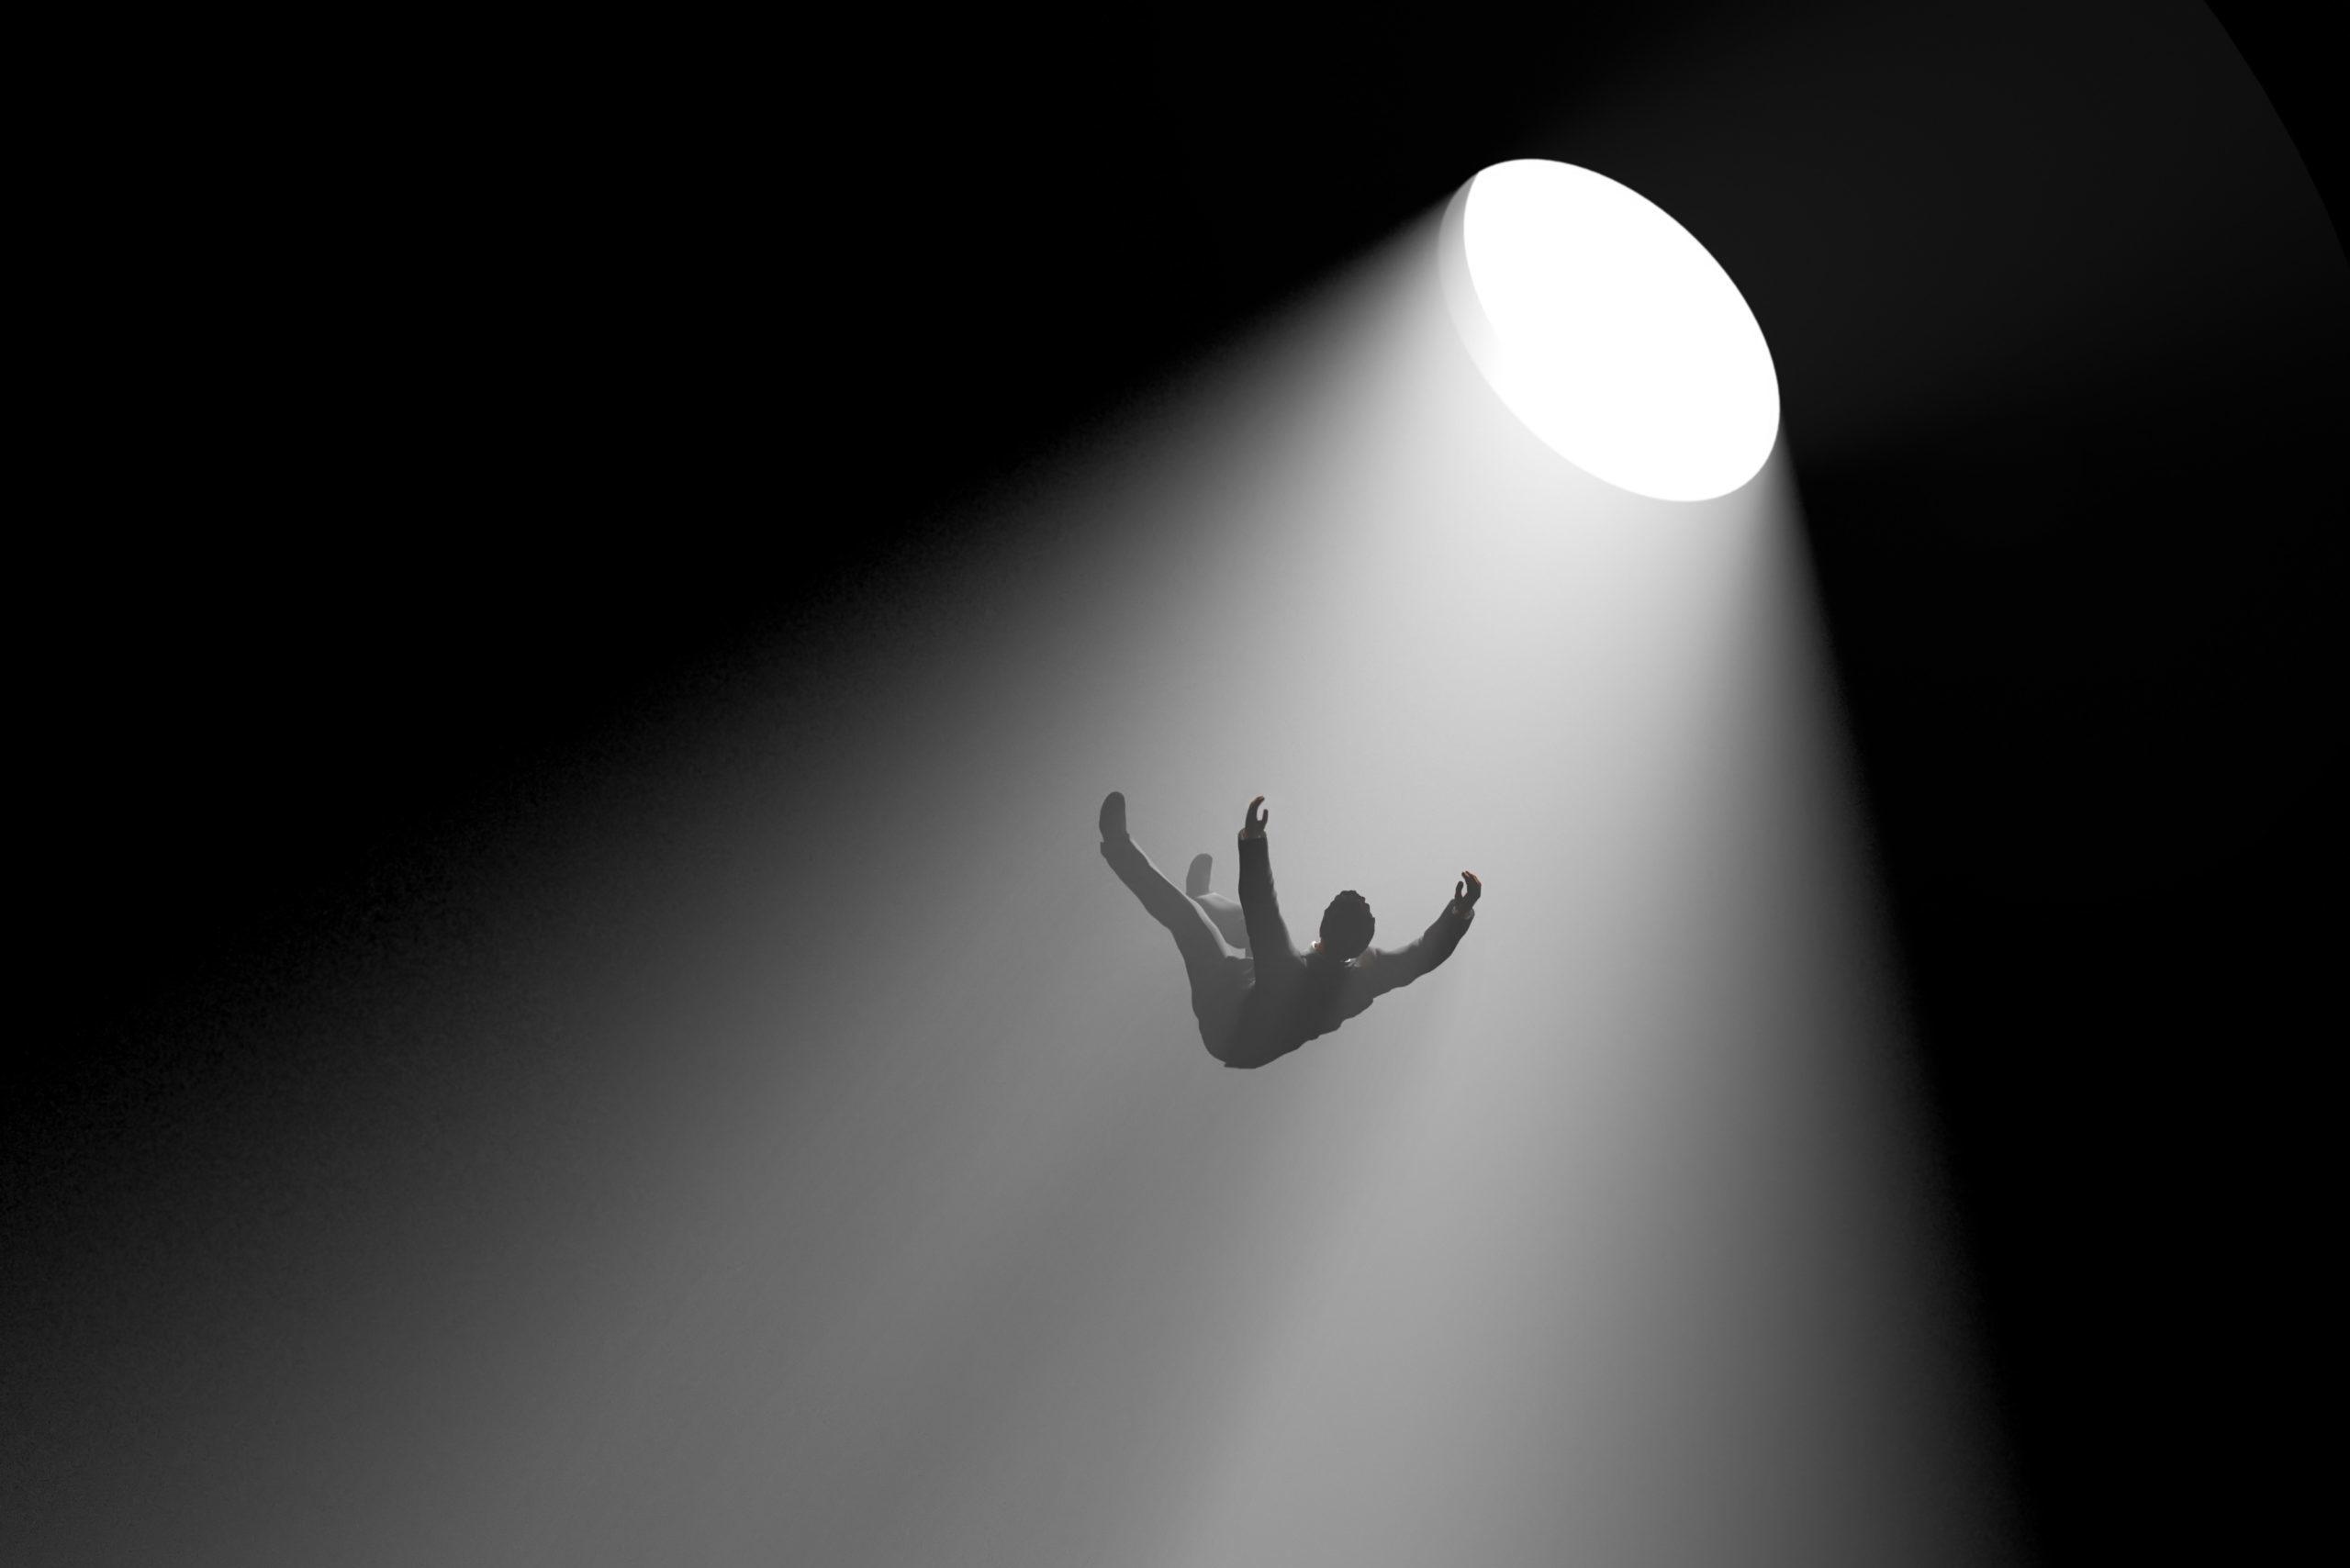 Bild eines Menschen, der in ein tiefes Loch fällt